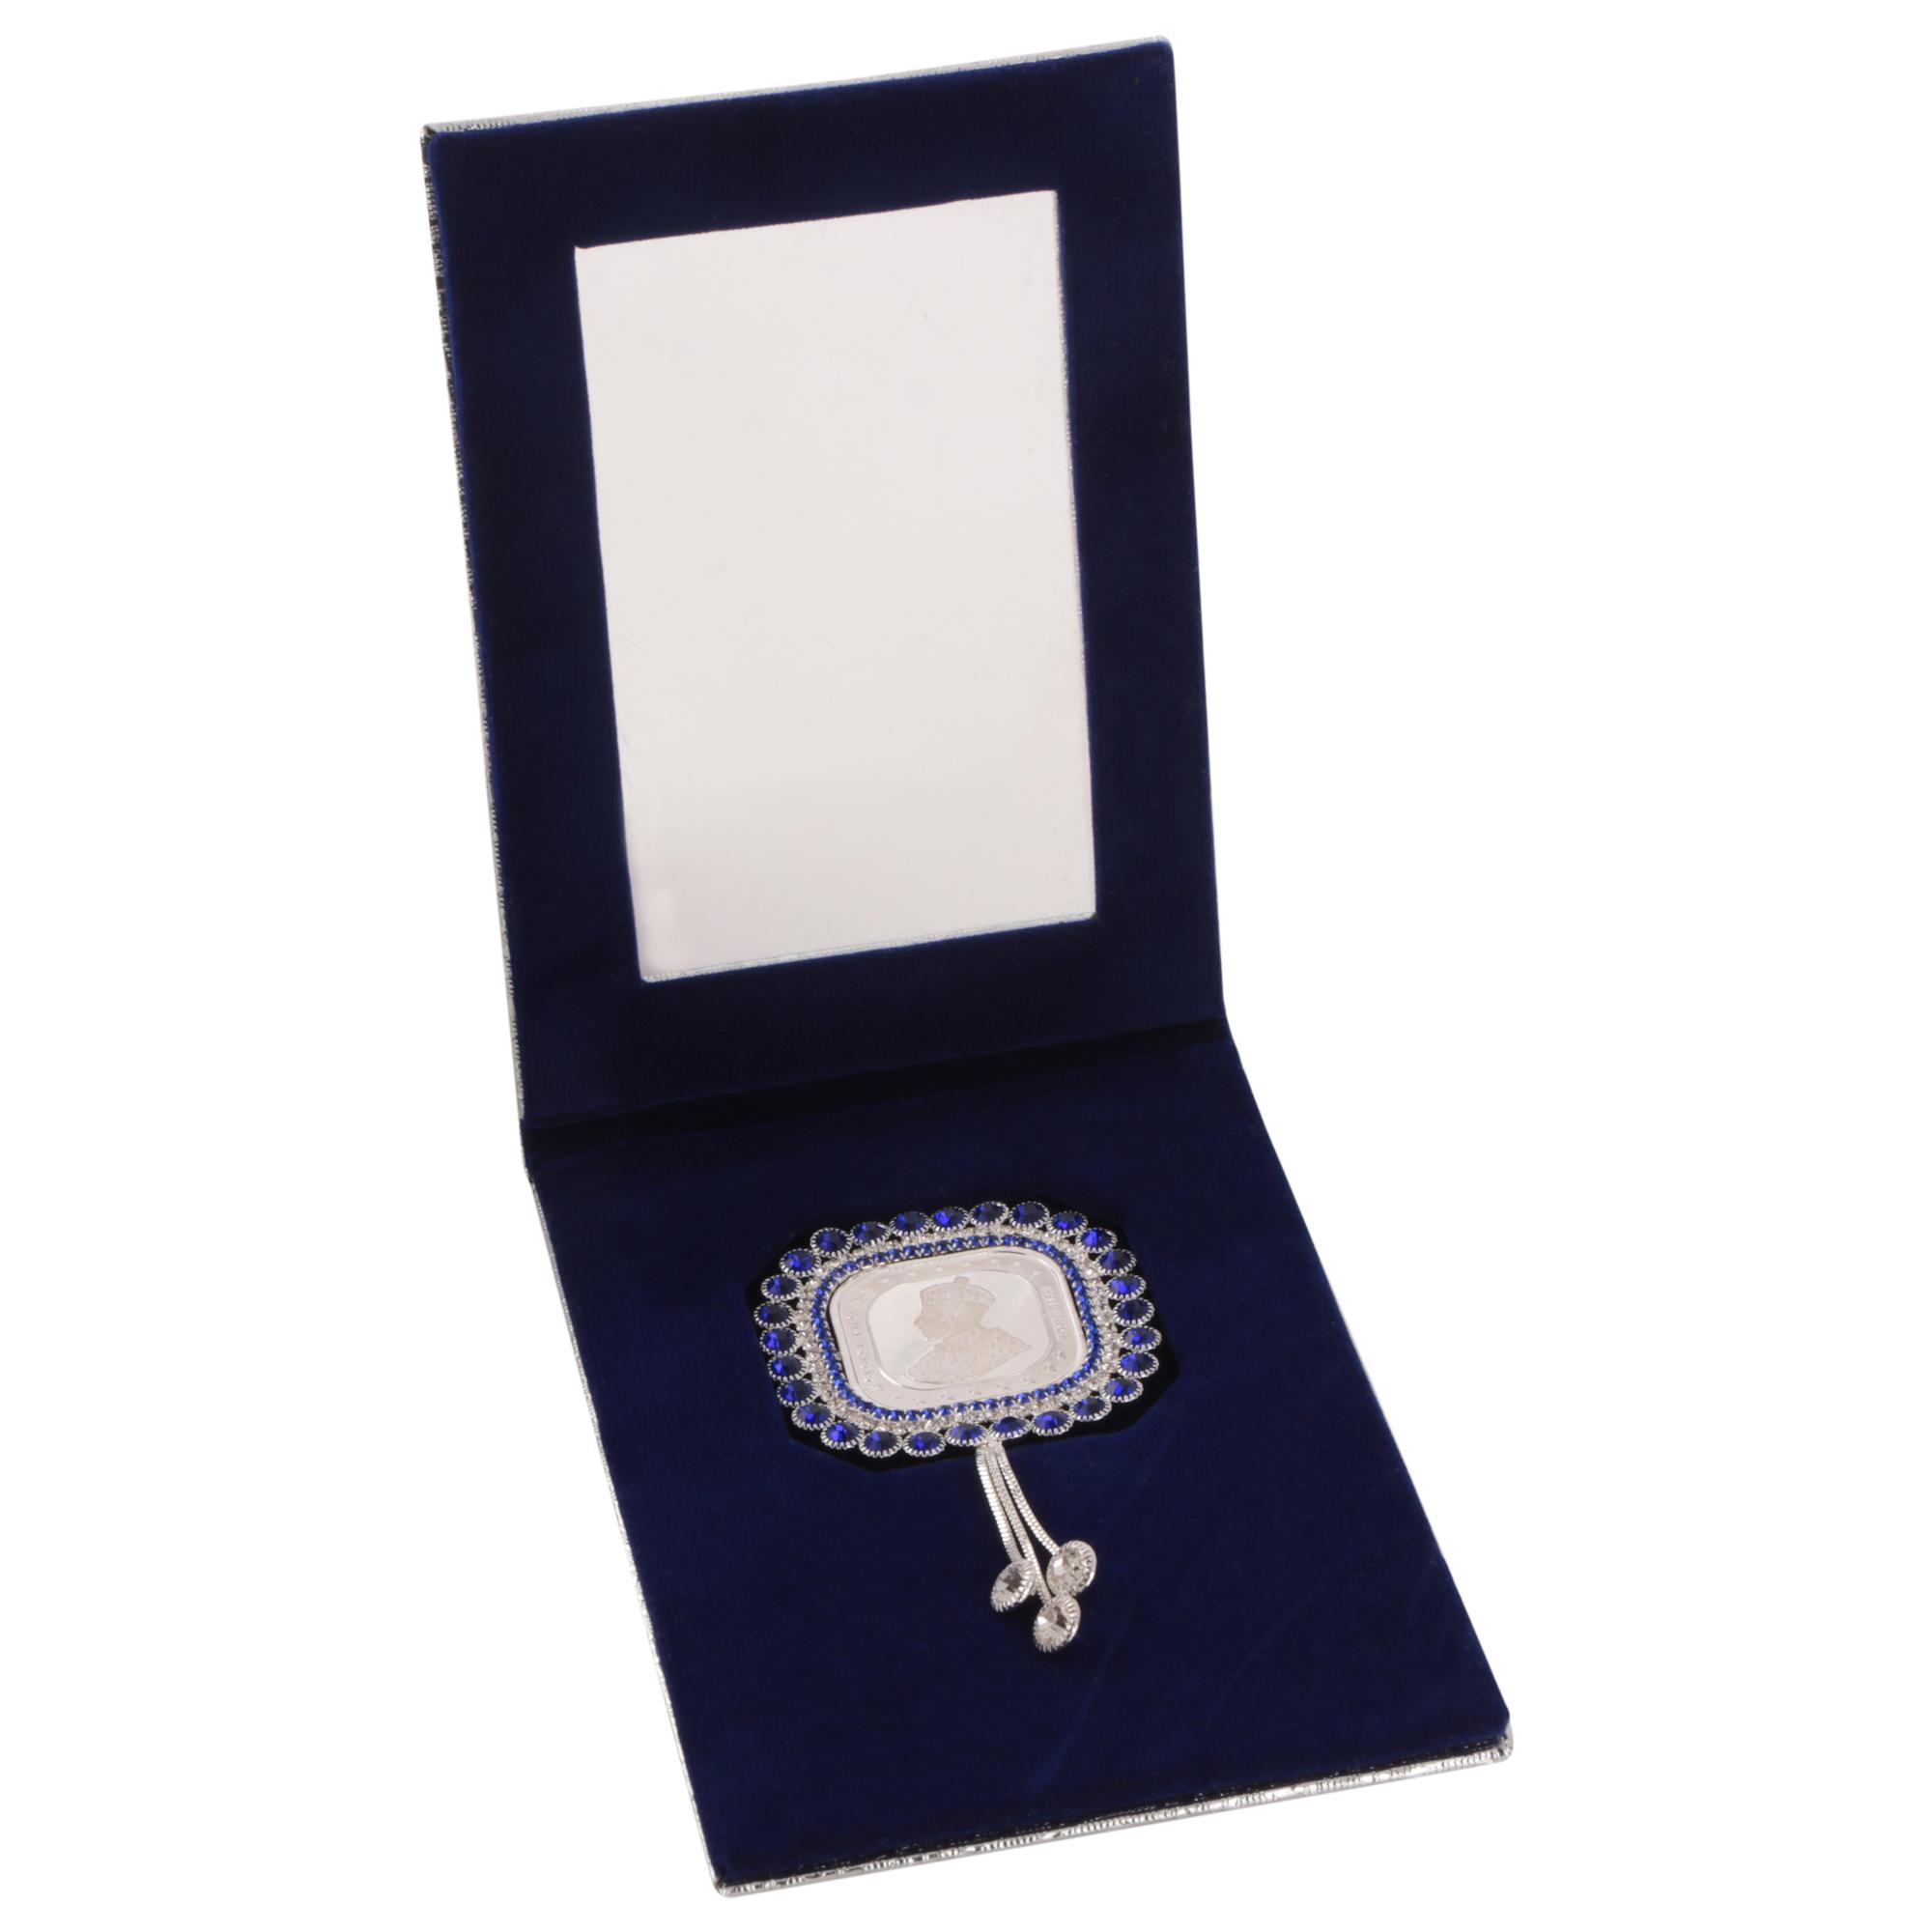 Silver Coin 10gm x1 in Blue Diamond Latkan Packing by Osasbazaar Open